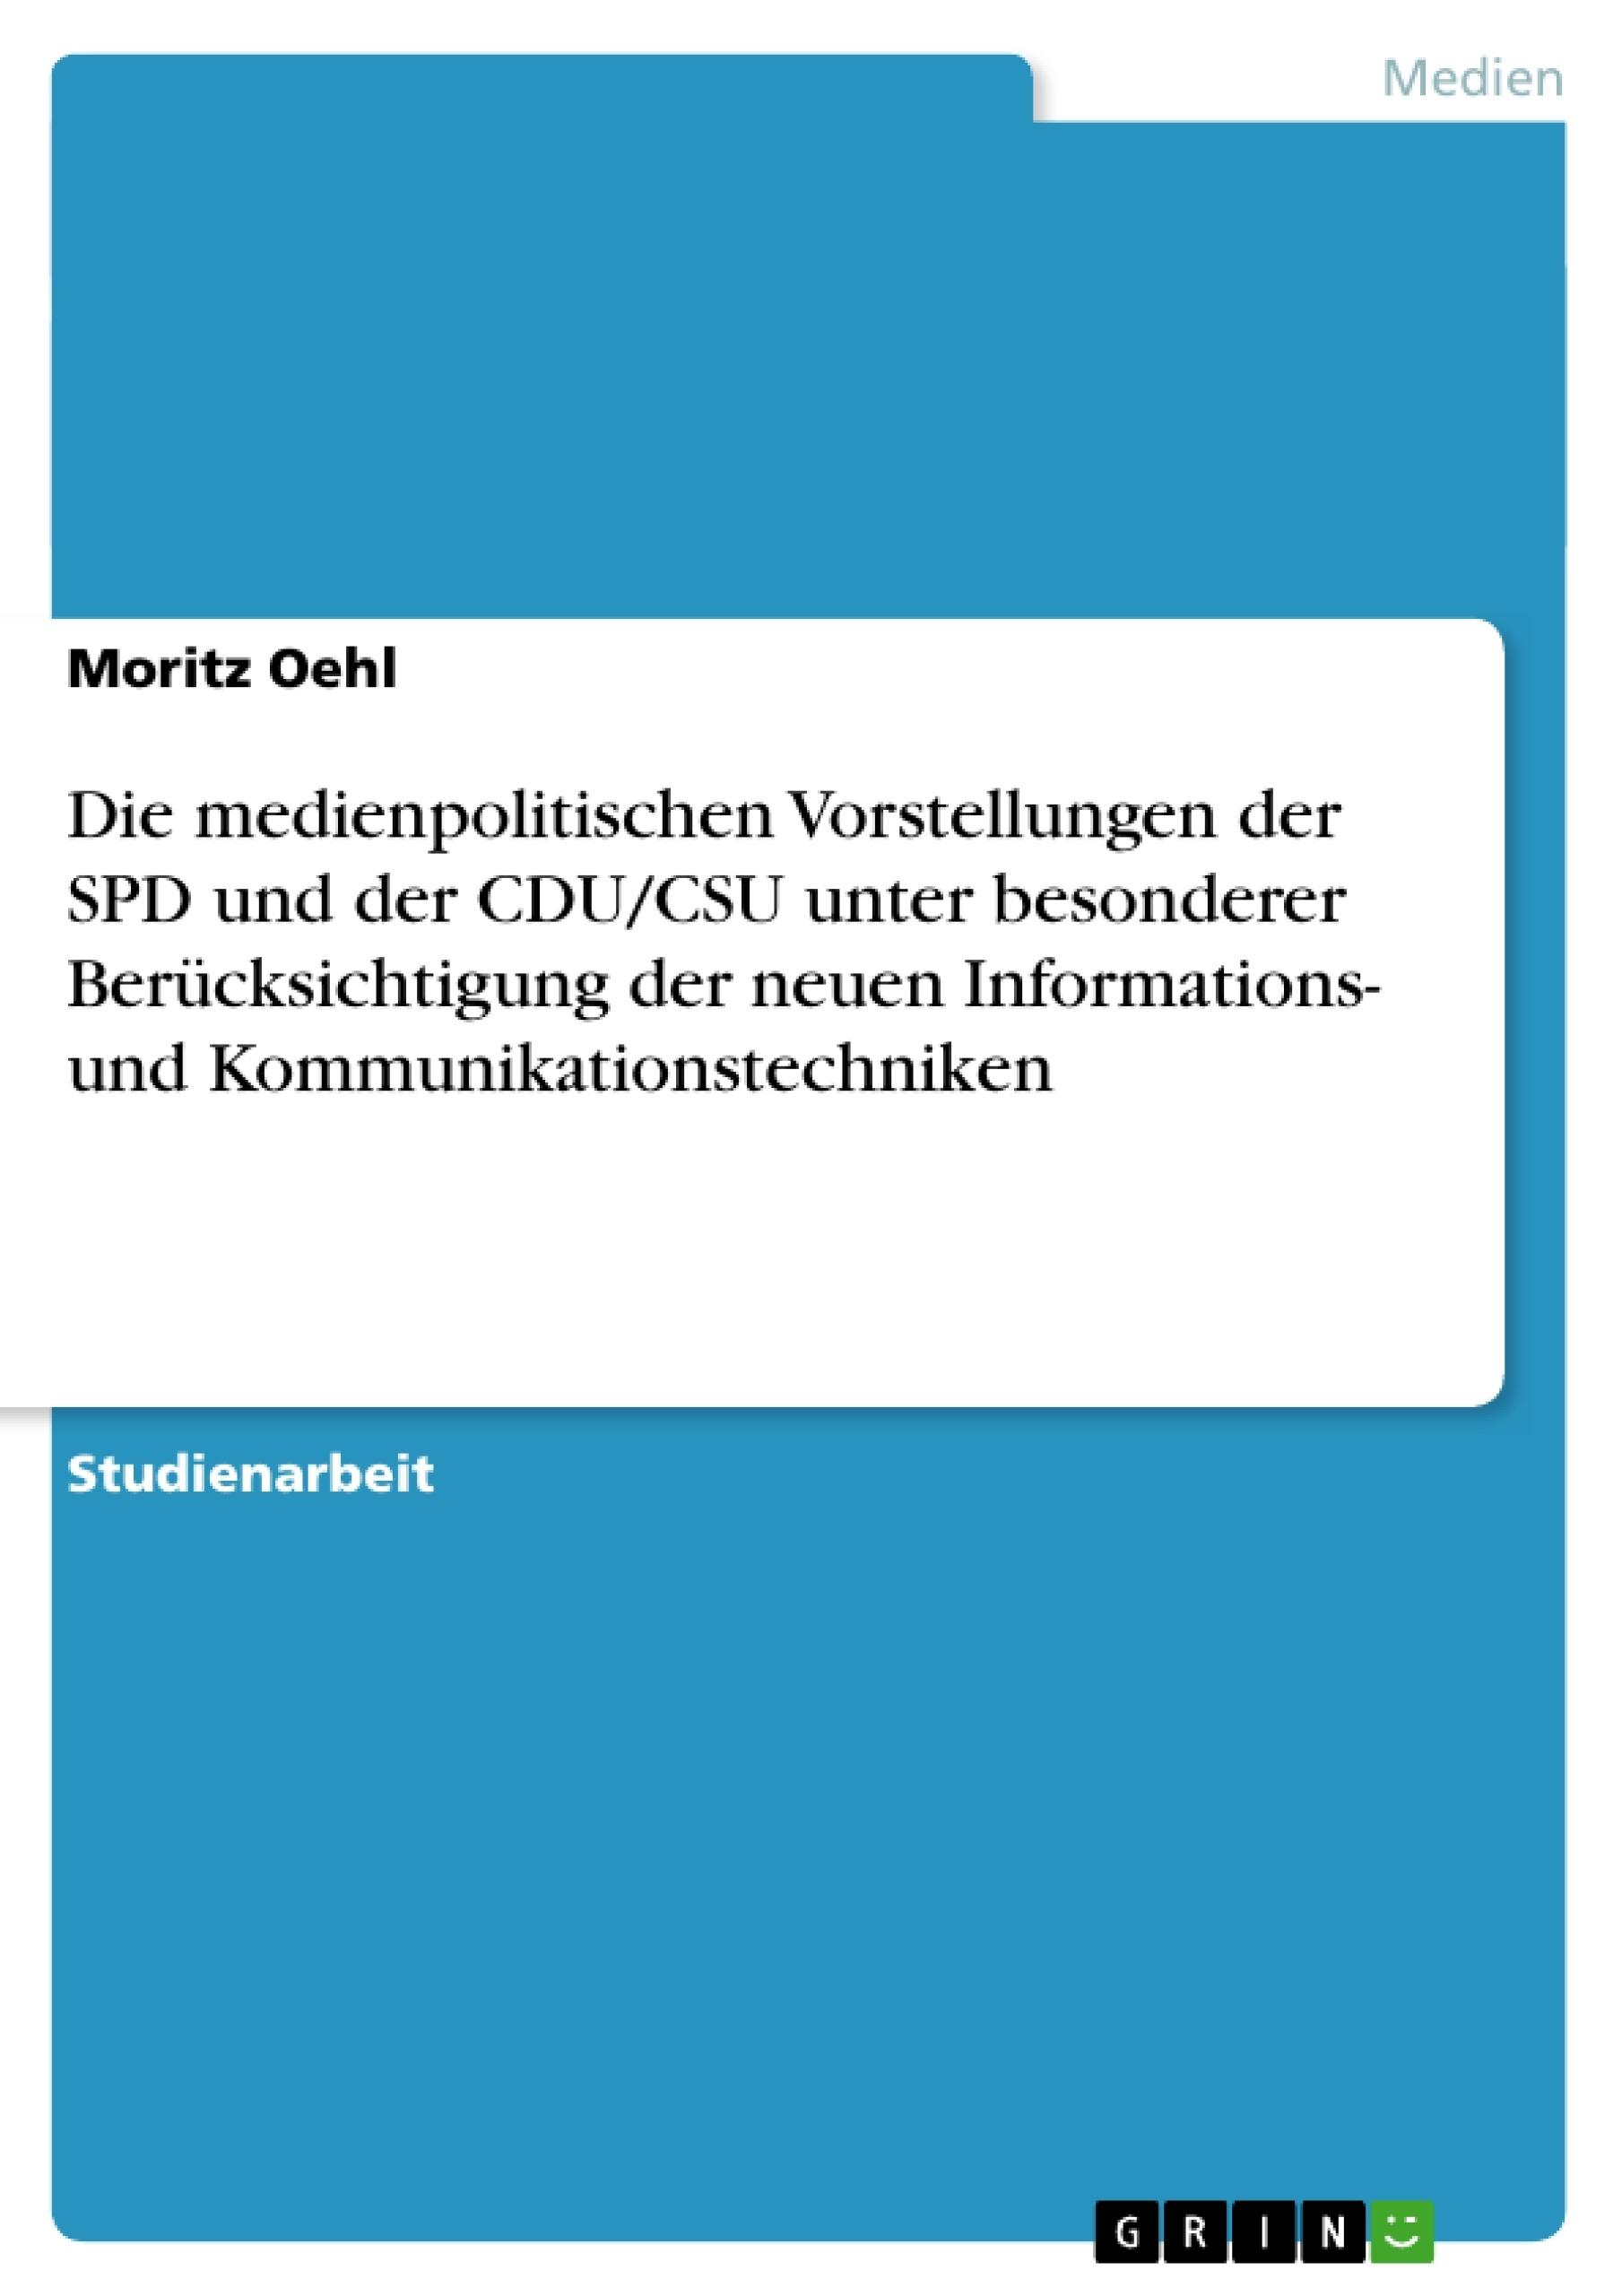 Titel: Die medienpolitischen Vorstellungen der SPD und der CDU/CSU unter besonderer Berücksichtigung der neuen Informations- und Kommunikationstechniken